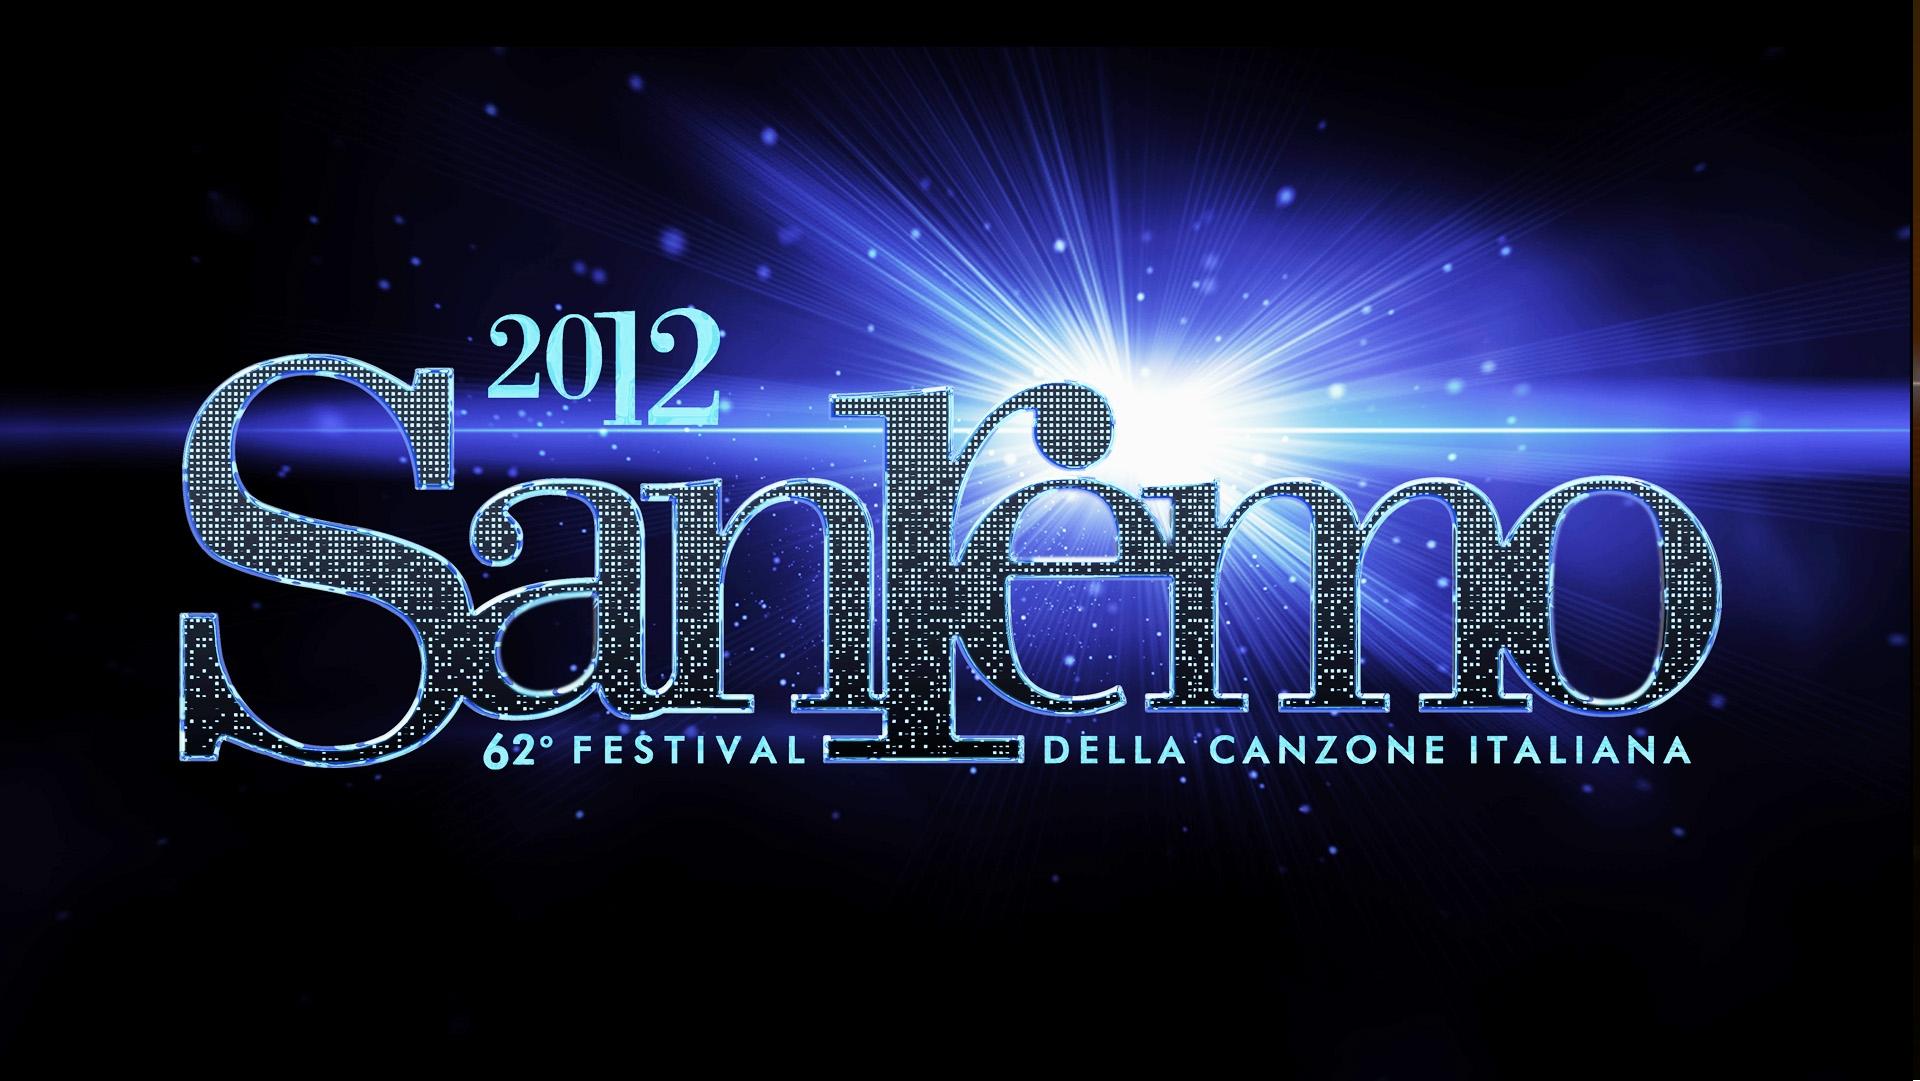 logo_Sanremo2012